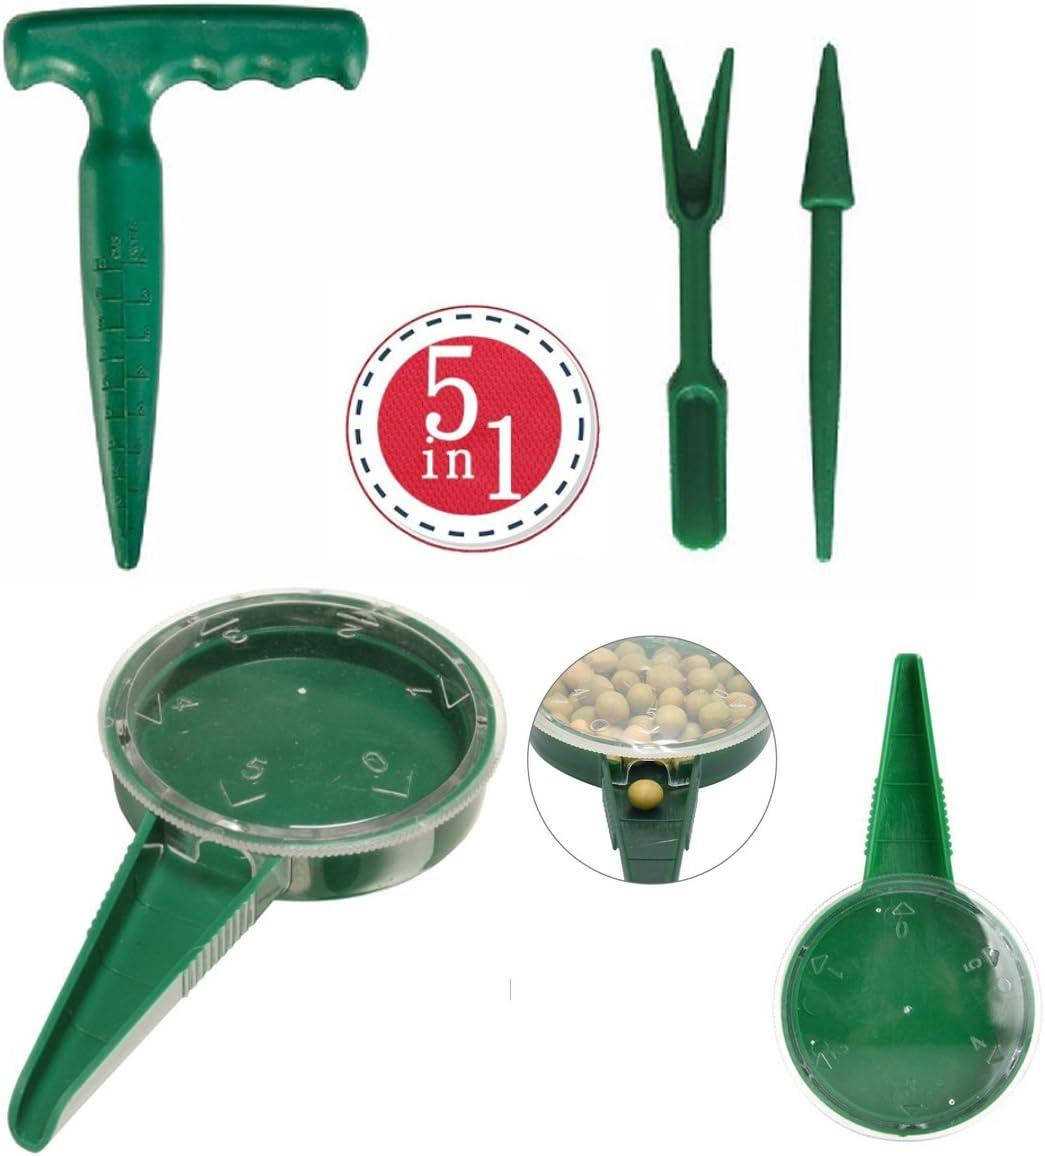 Garden Plant Dispenser Sower Planter Seed Disseminator Tool bes Gard Seeder X4C5